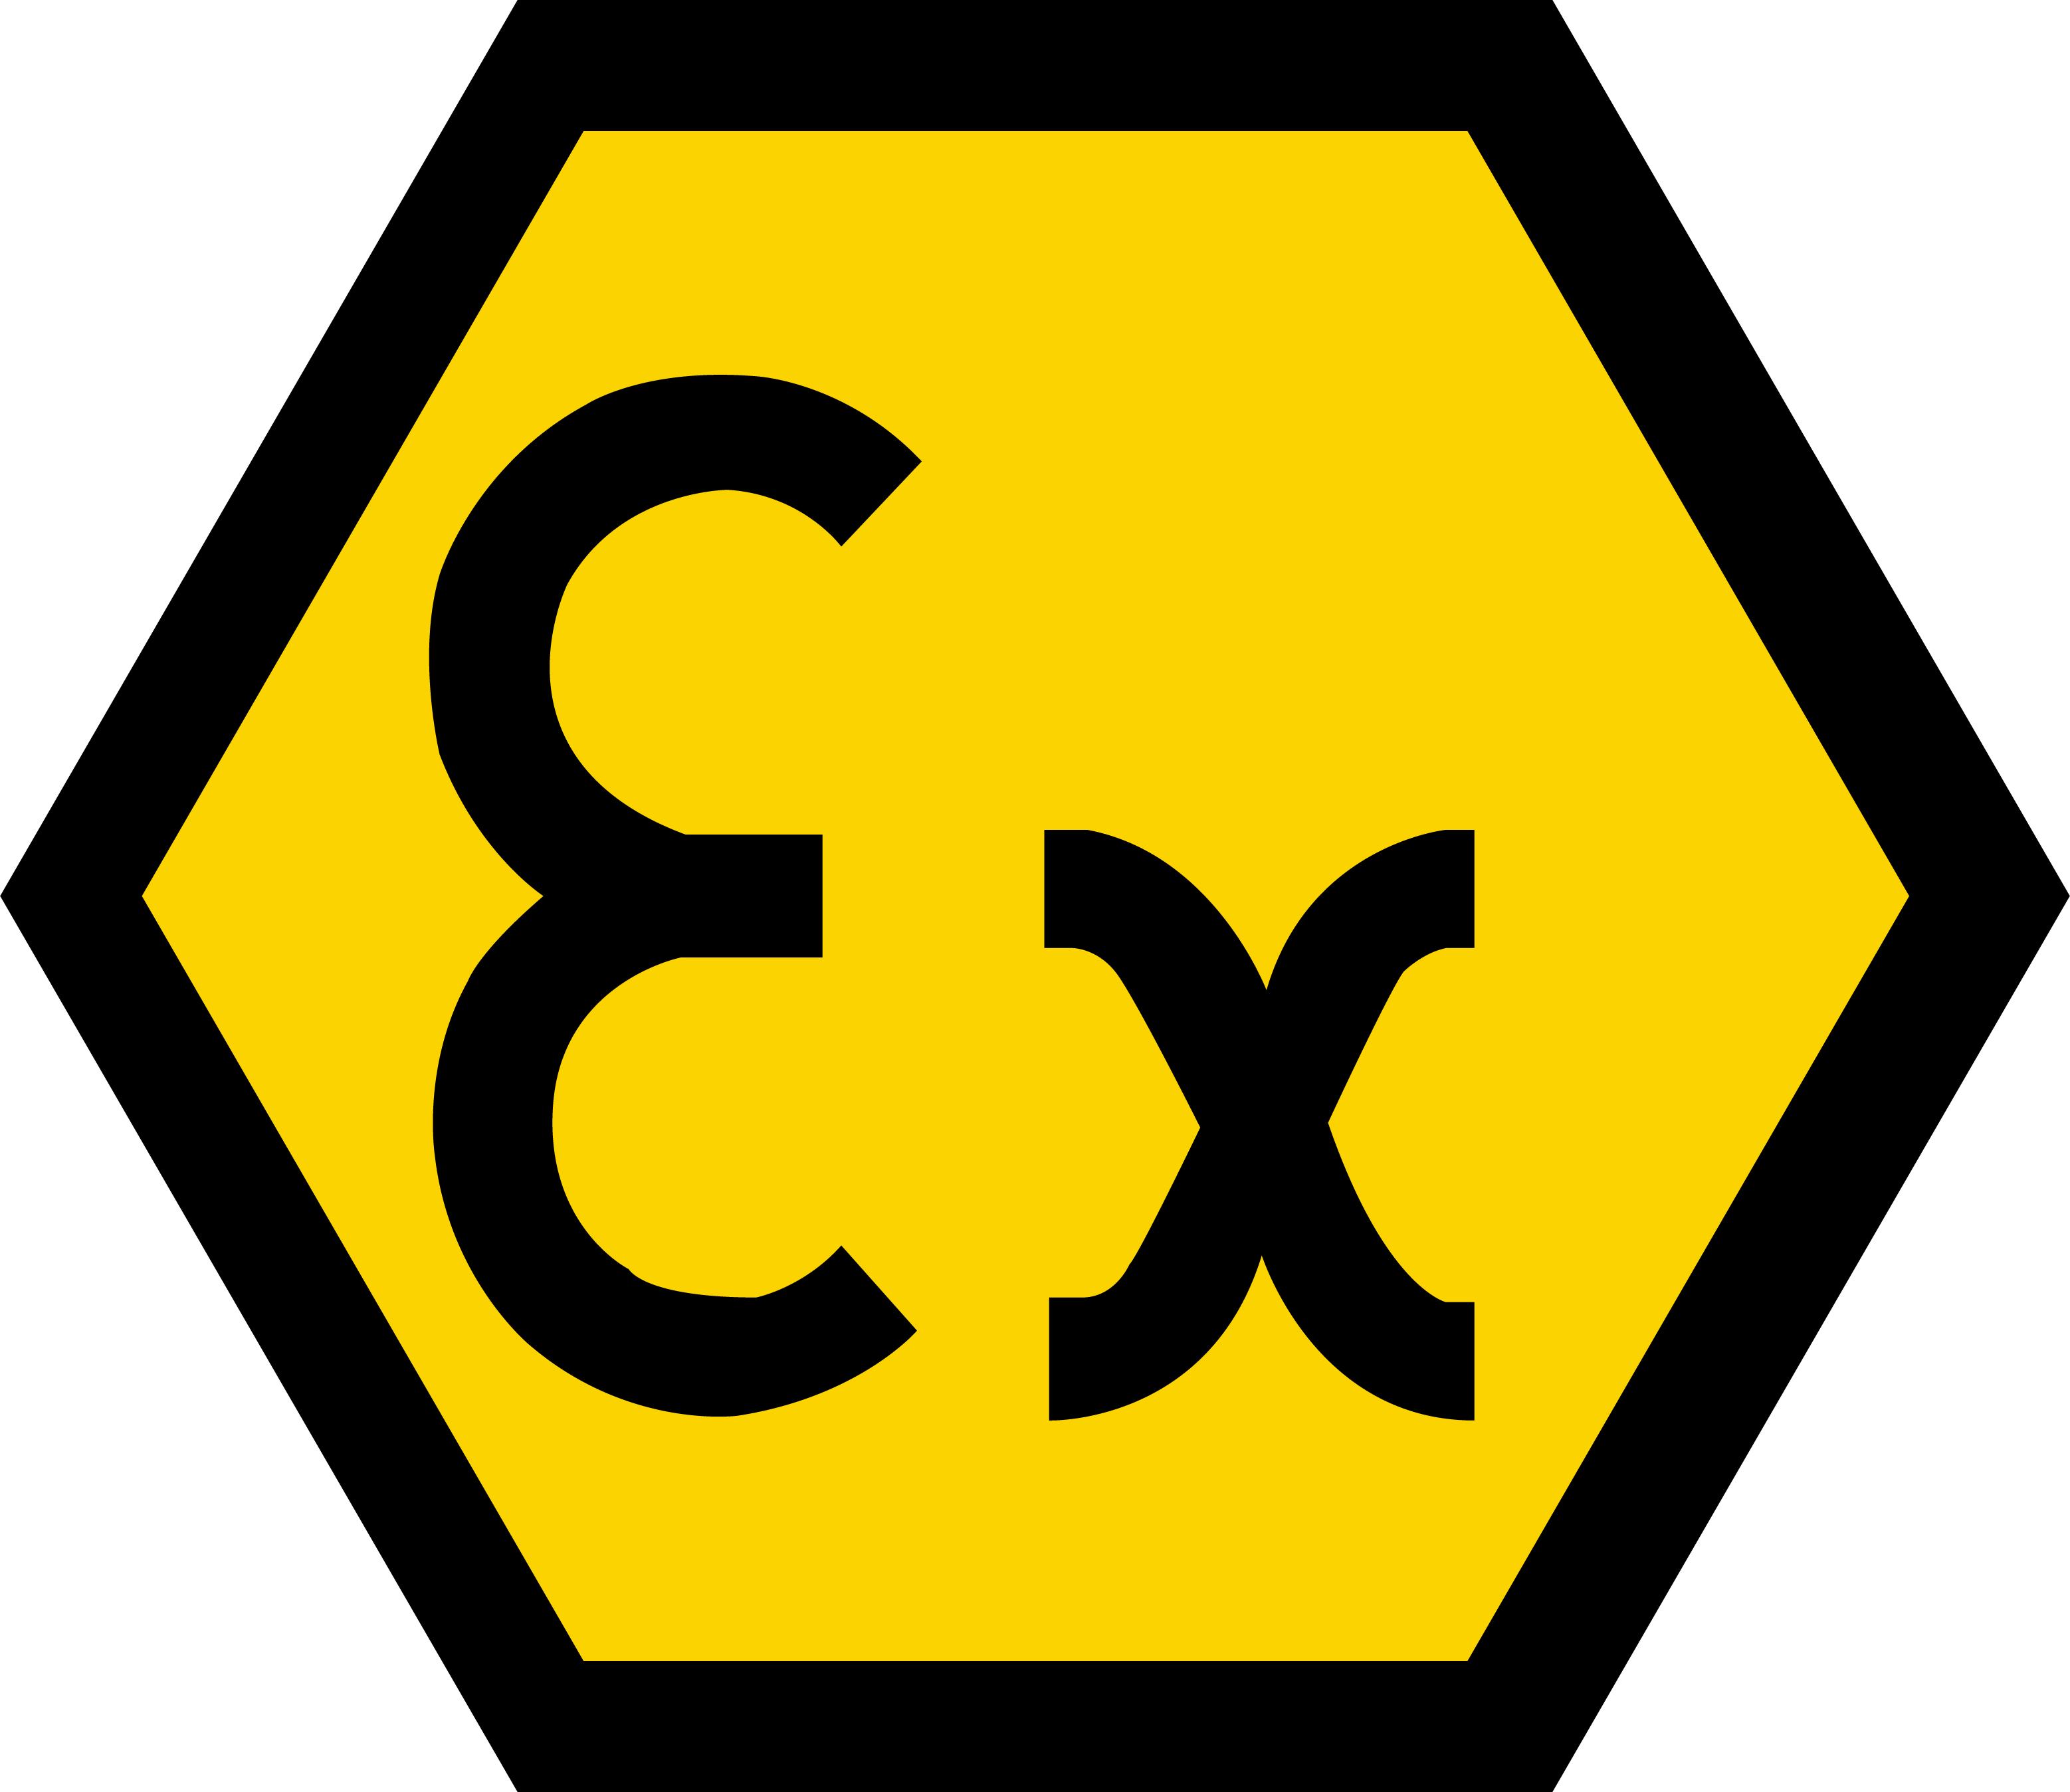 ATEX认证标志,欧盟认证标志